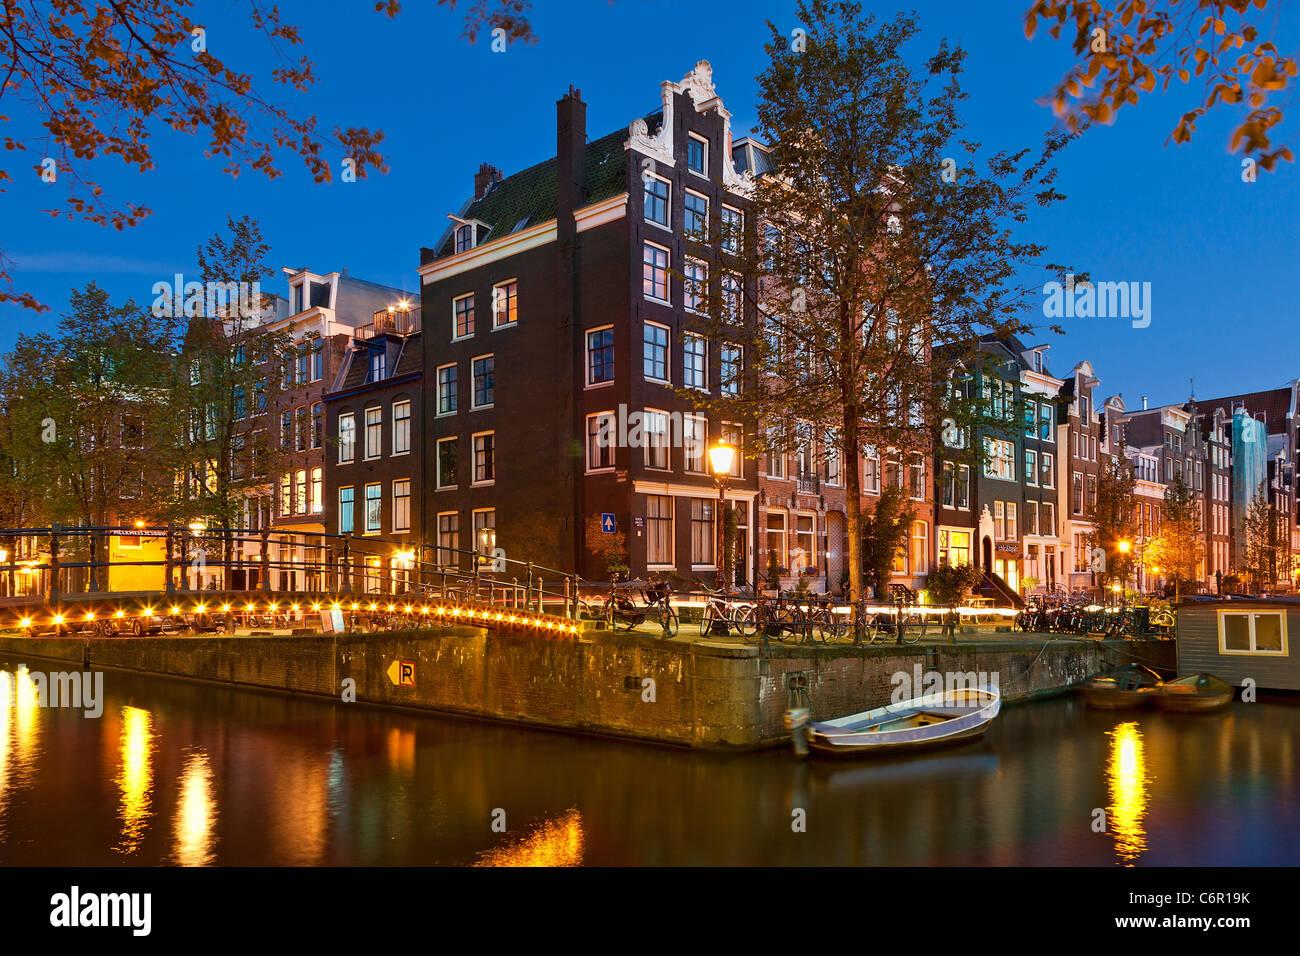 Europa, Paesi Bassi, Amsterdam, Canal al crepuscolo Immagini Stock